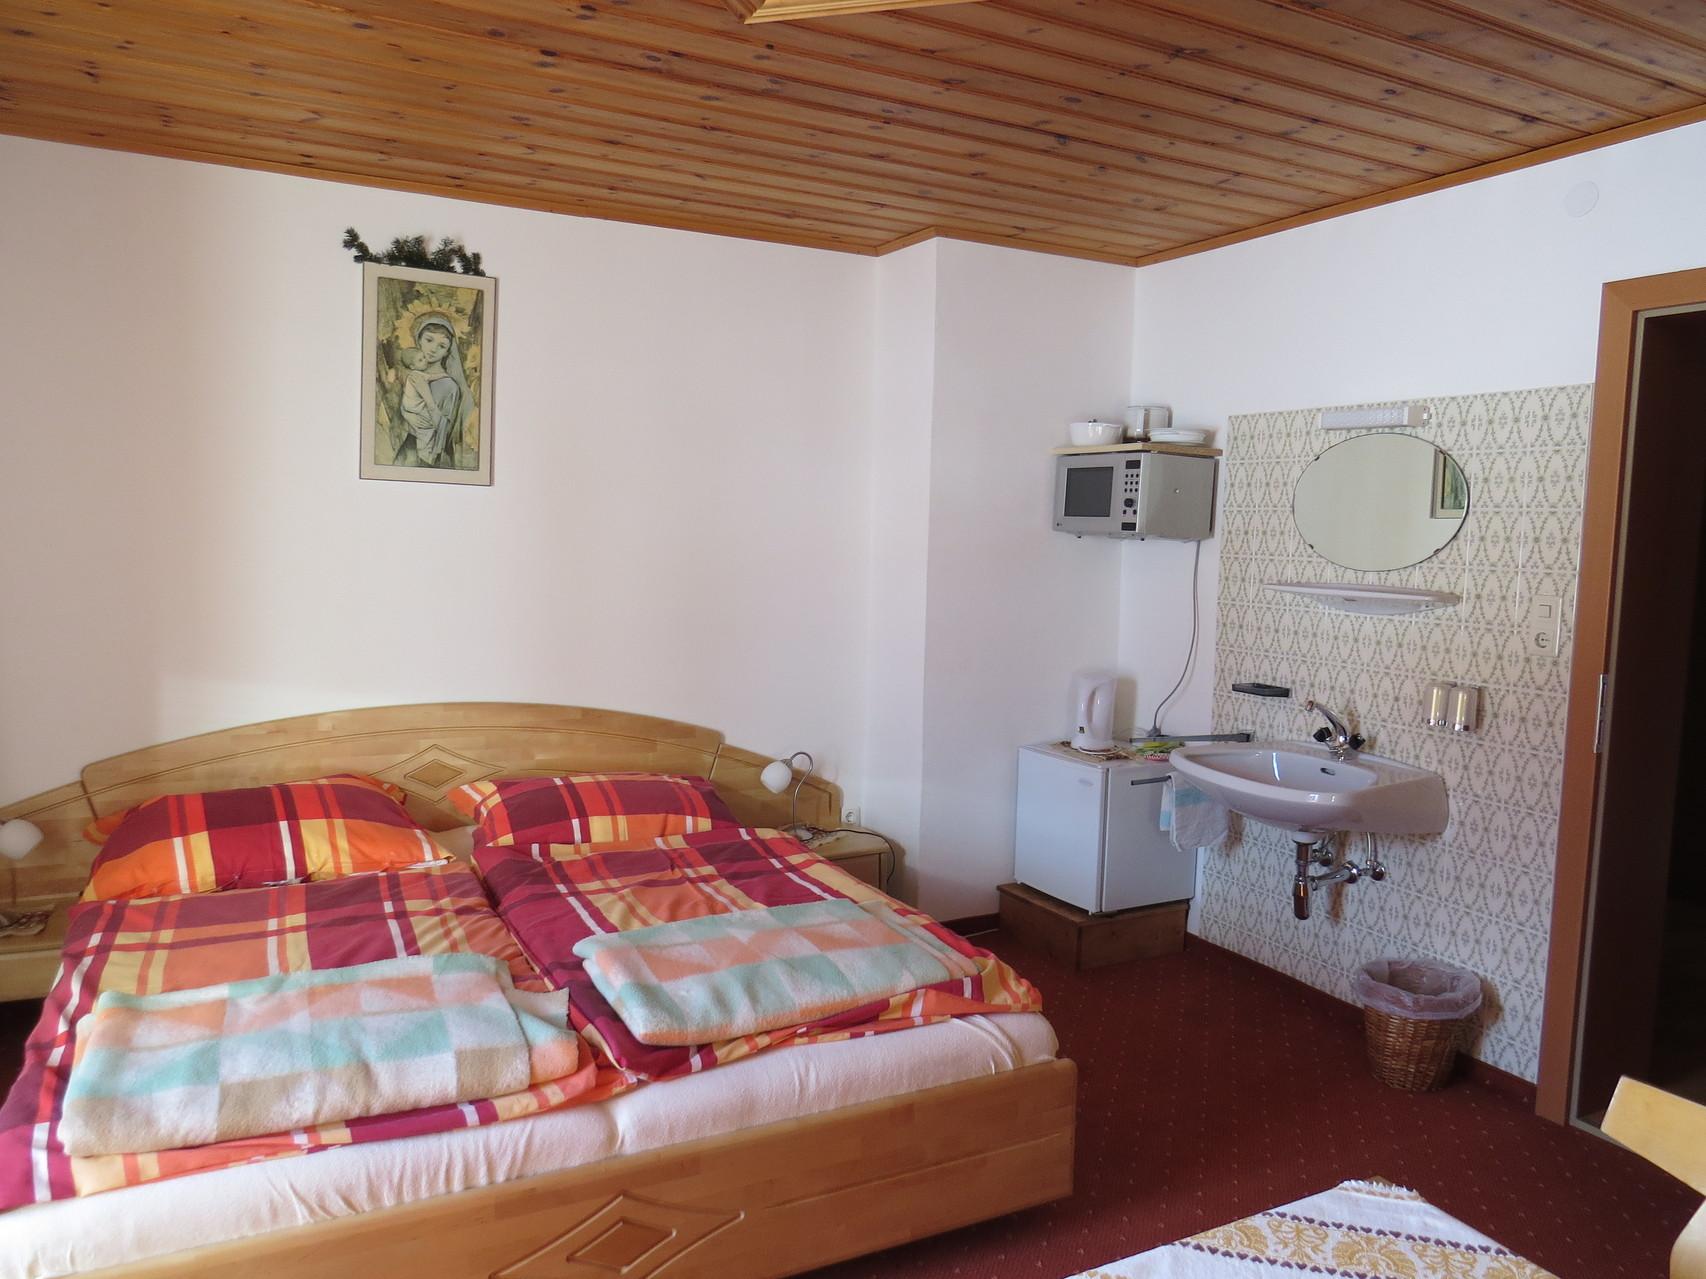 Biohof Haus Wieser, Abtenau, Salzburg Land, Doppelzimmer